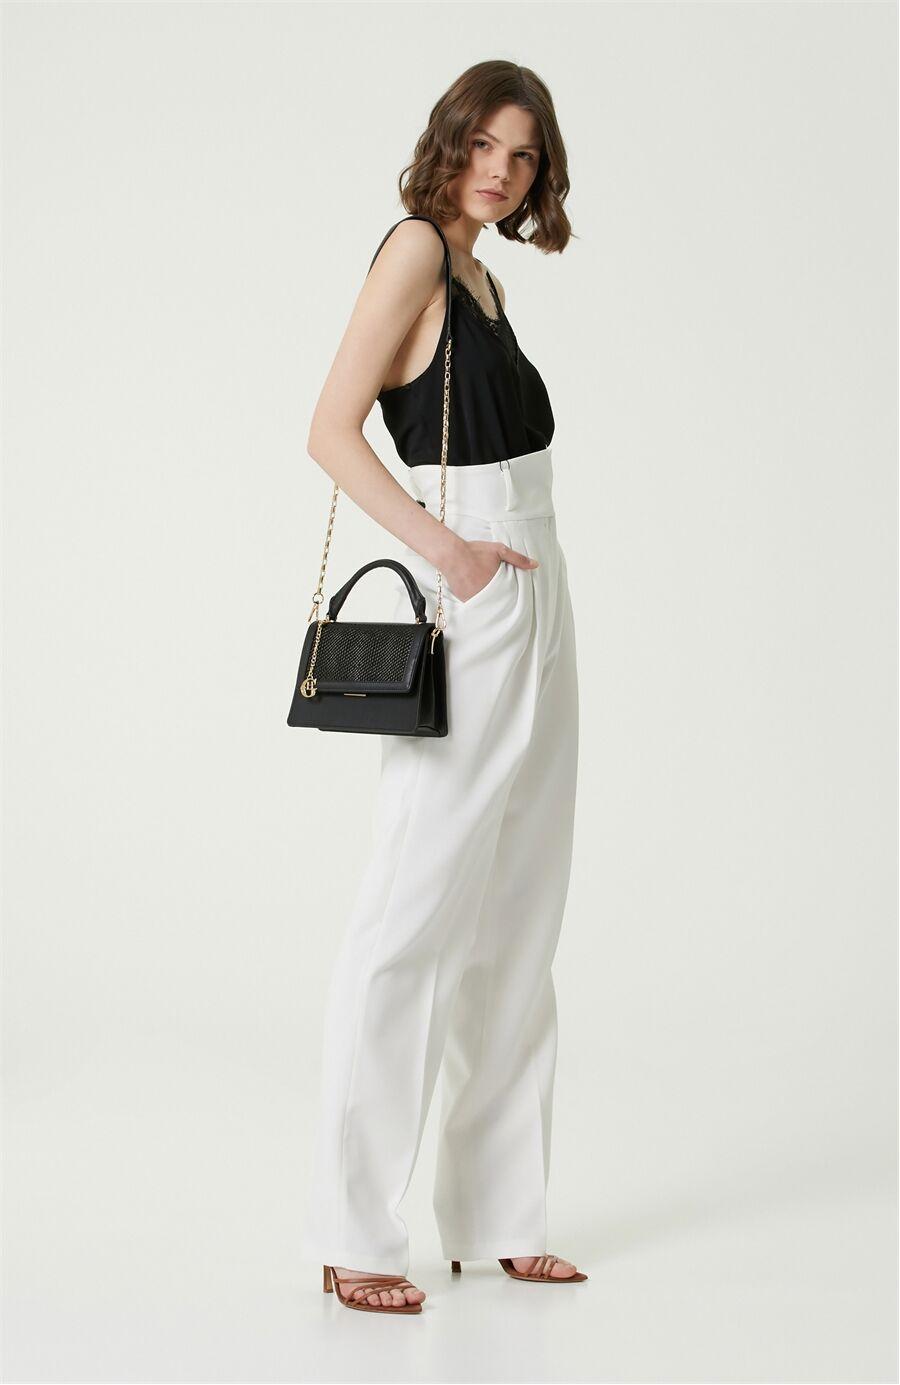 Siyah Dokulu Kadın Askılı Çapraz Çanta